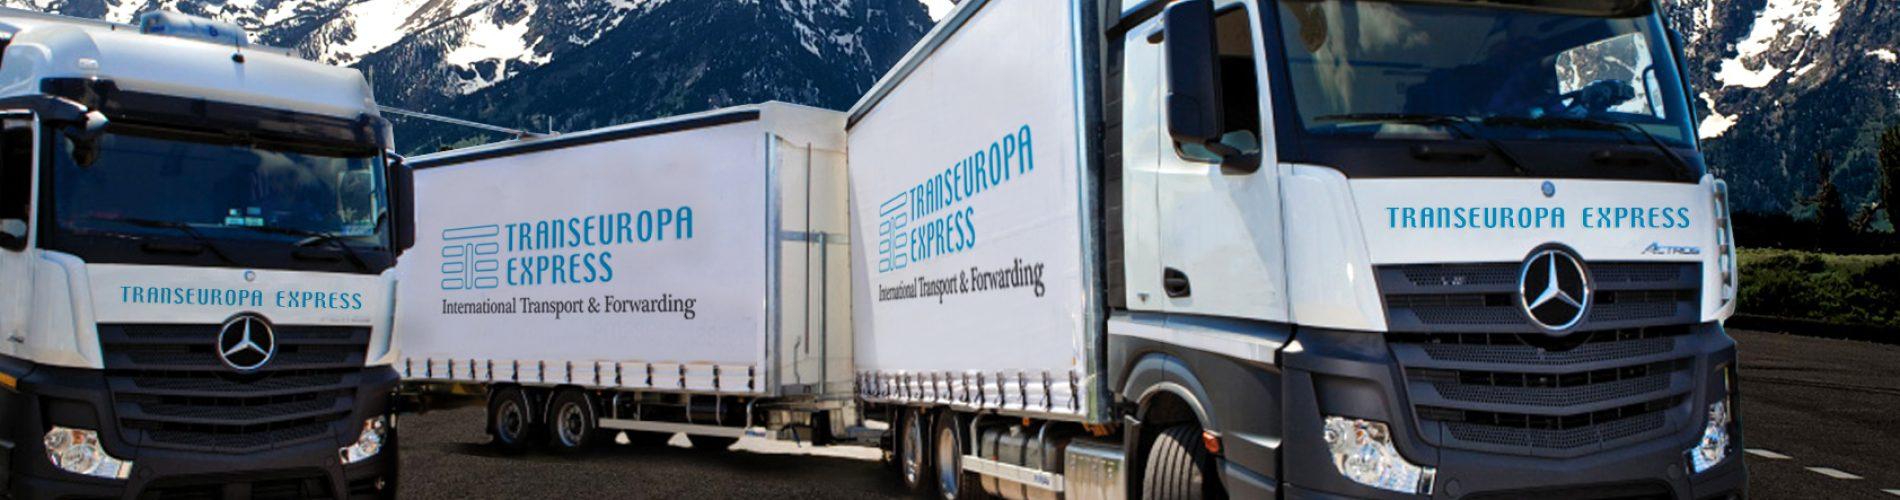 transeuropa-trasporti-prato